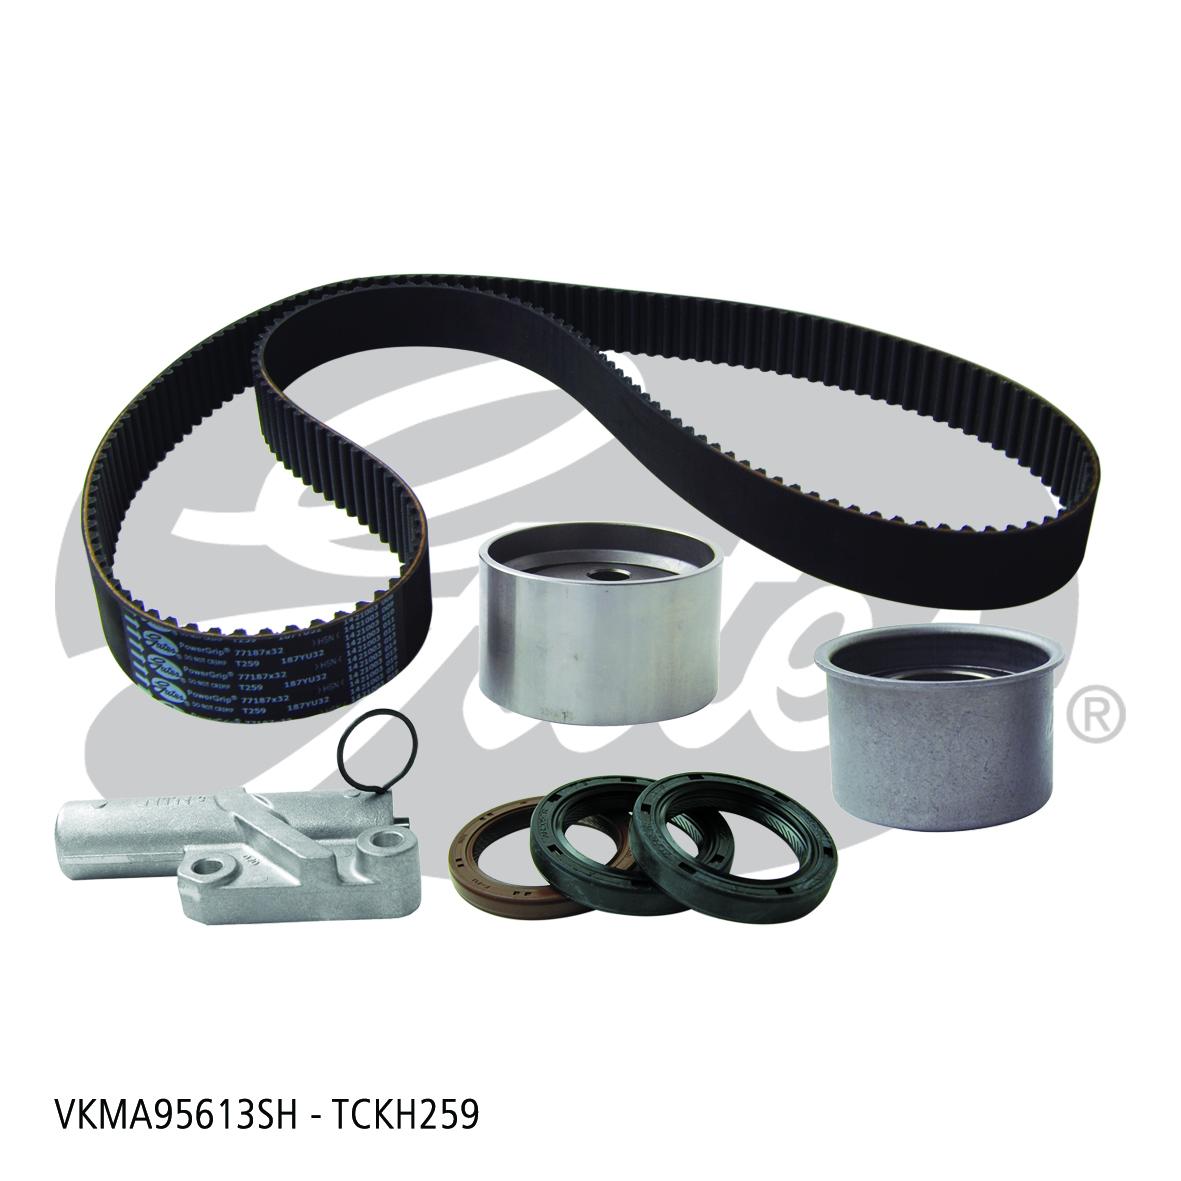 New Gates Timing Belt Kit TCKH259 fits Mitsubishi Challenger V6 (K96W)